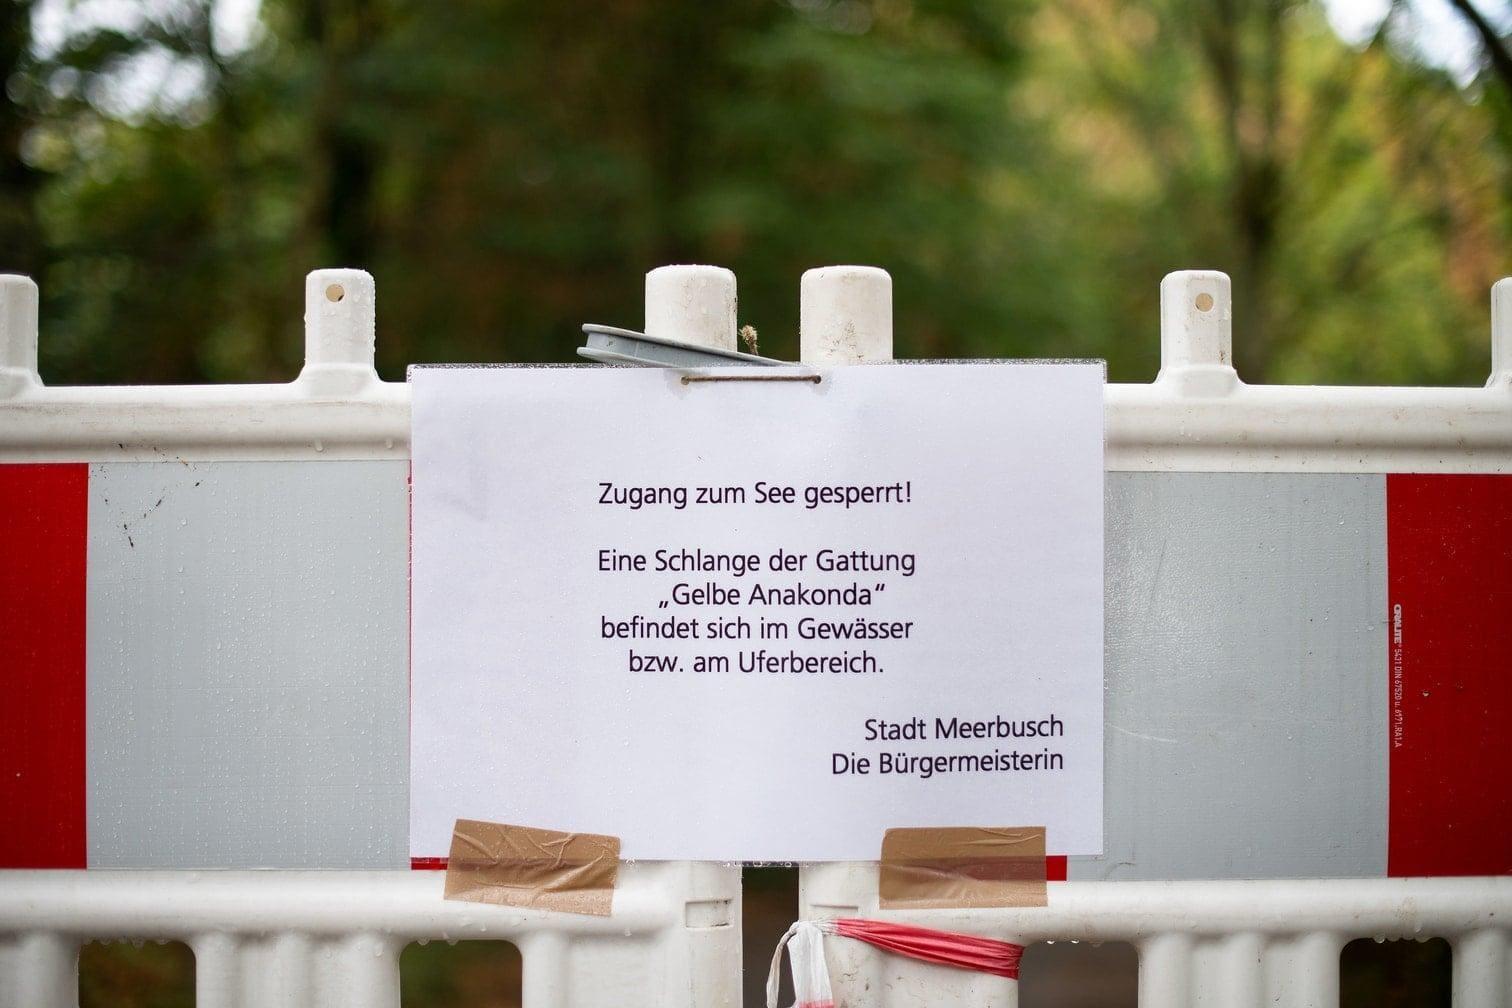 <p>Wegen einer zwei Meter langen Würgeschlange hat die Stadt Meerbusch bei Düsseldorf einen beliebten Ausflugssee gesperrt.</p> Foto: dpa